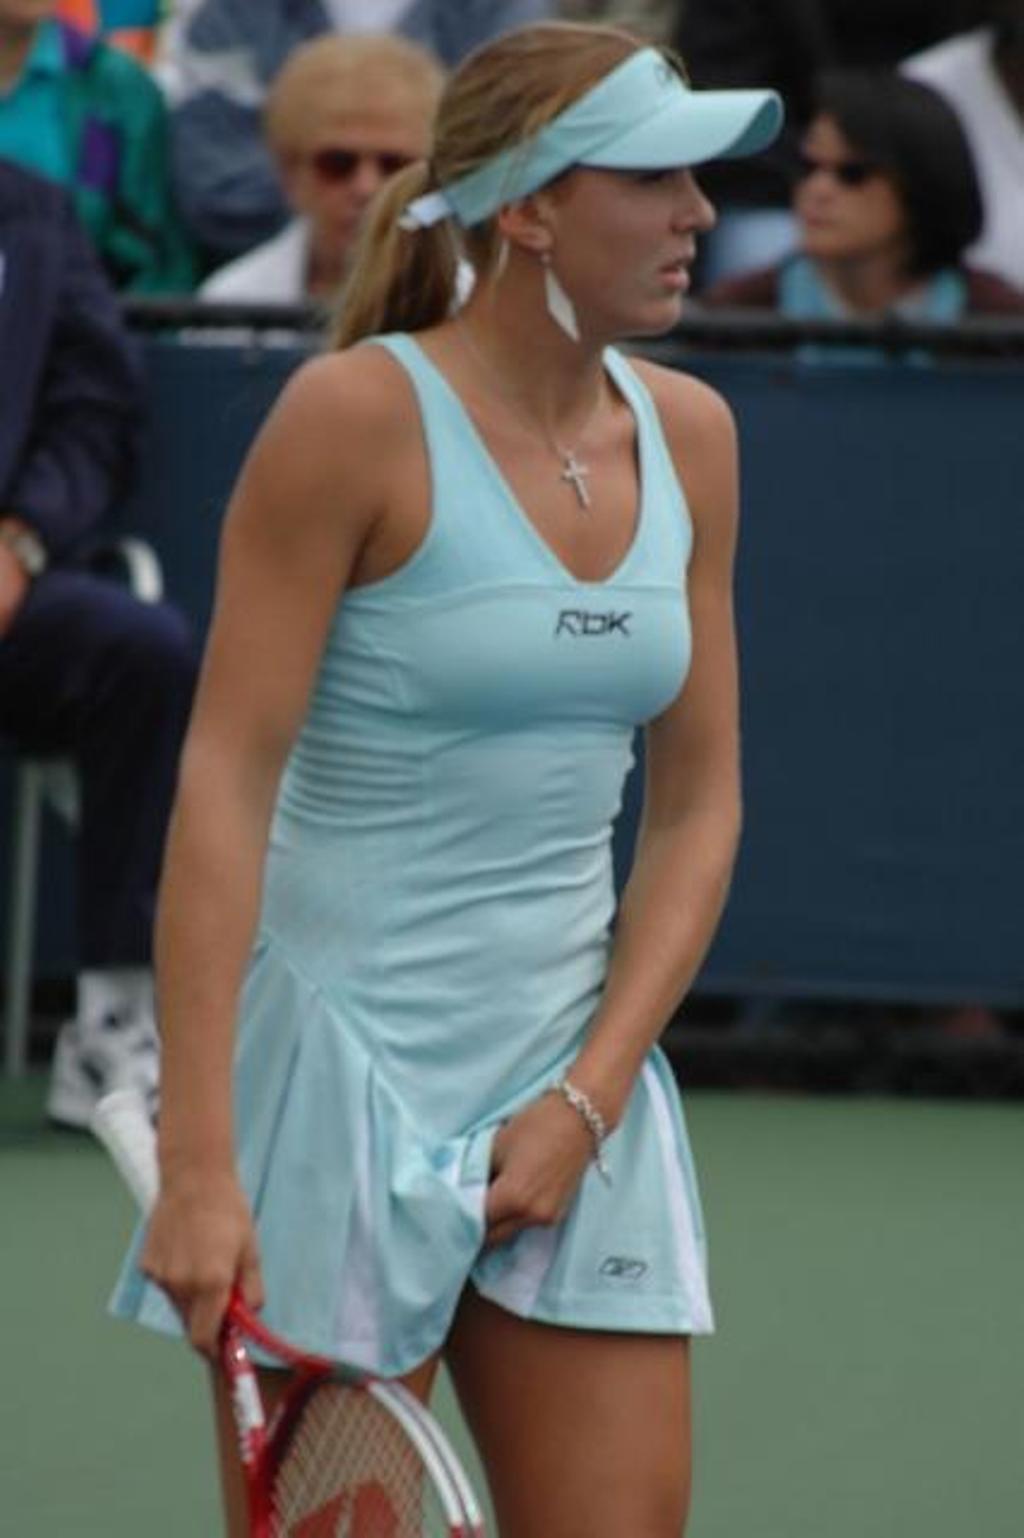 Nicole sexy blue breast